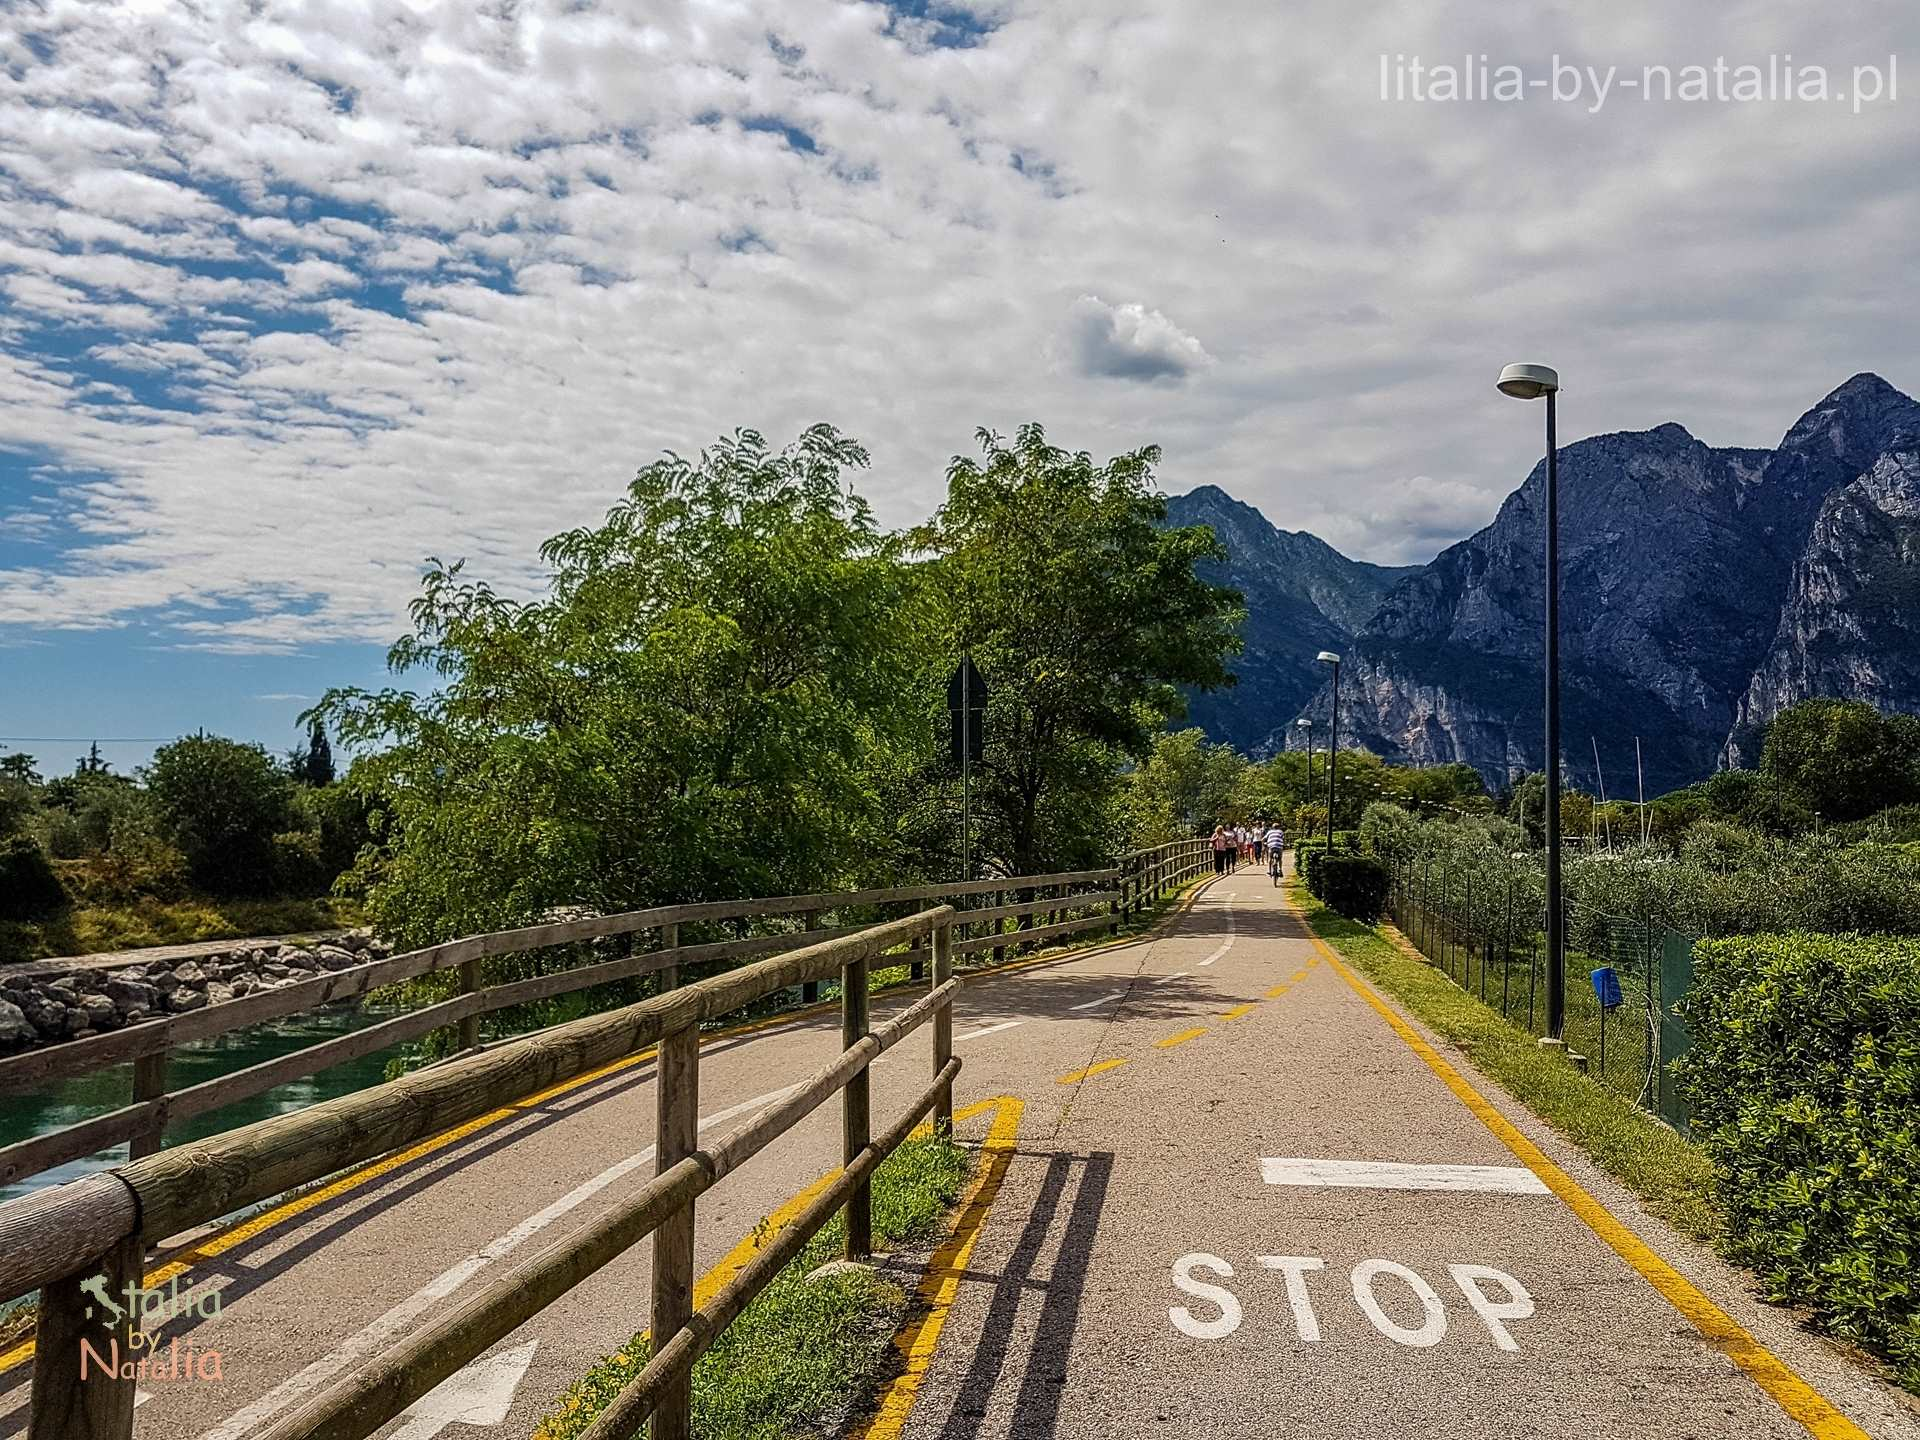 Jezioro Garda rowerem szlaki ścieżki mapa ceny wynajmu gdzie wypożyczyć rower